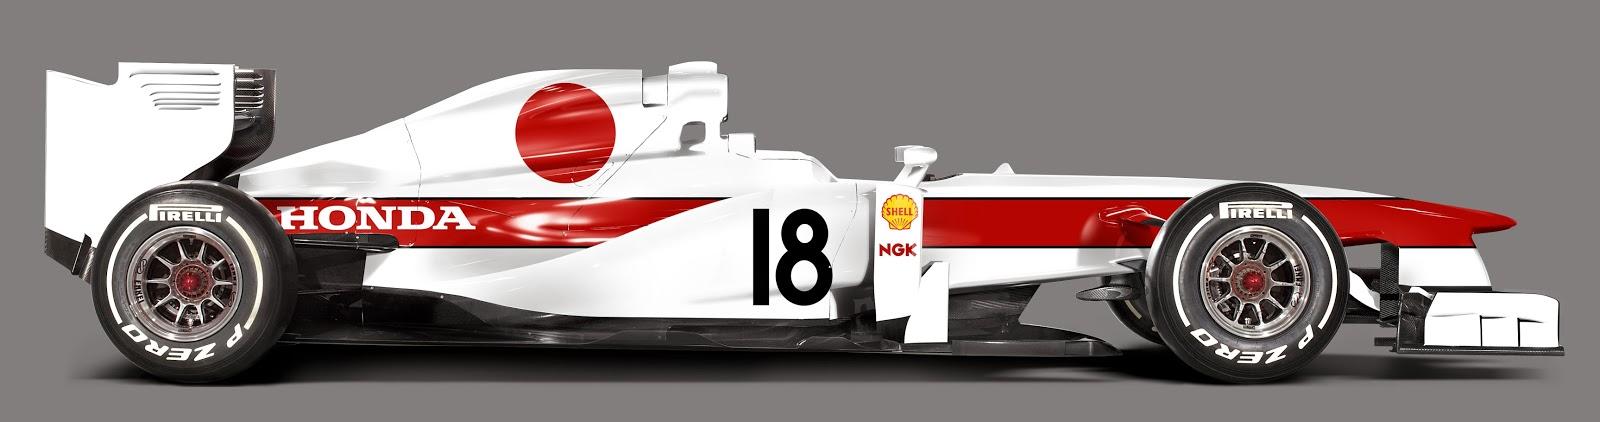 Ez kell a népnek: A Honda festése egy modern F1-es autón